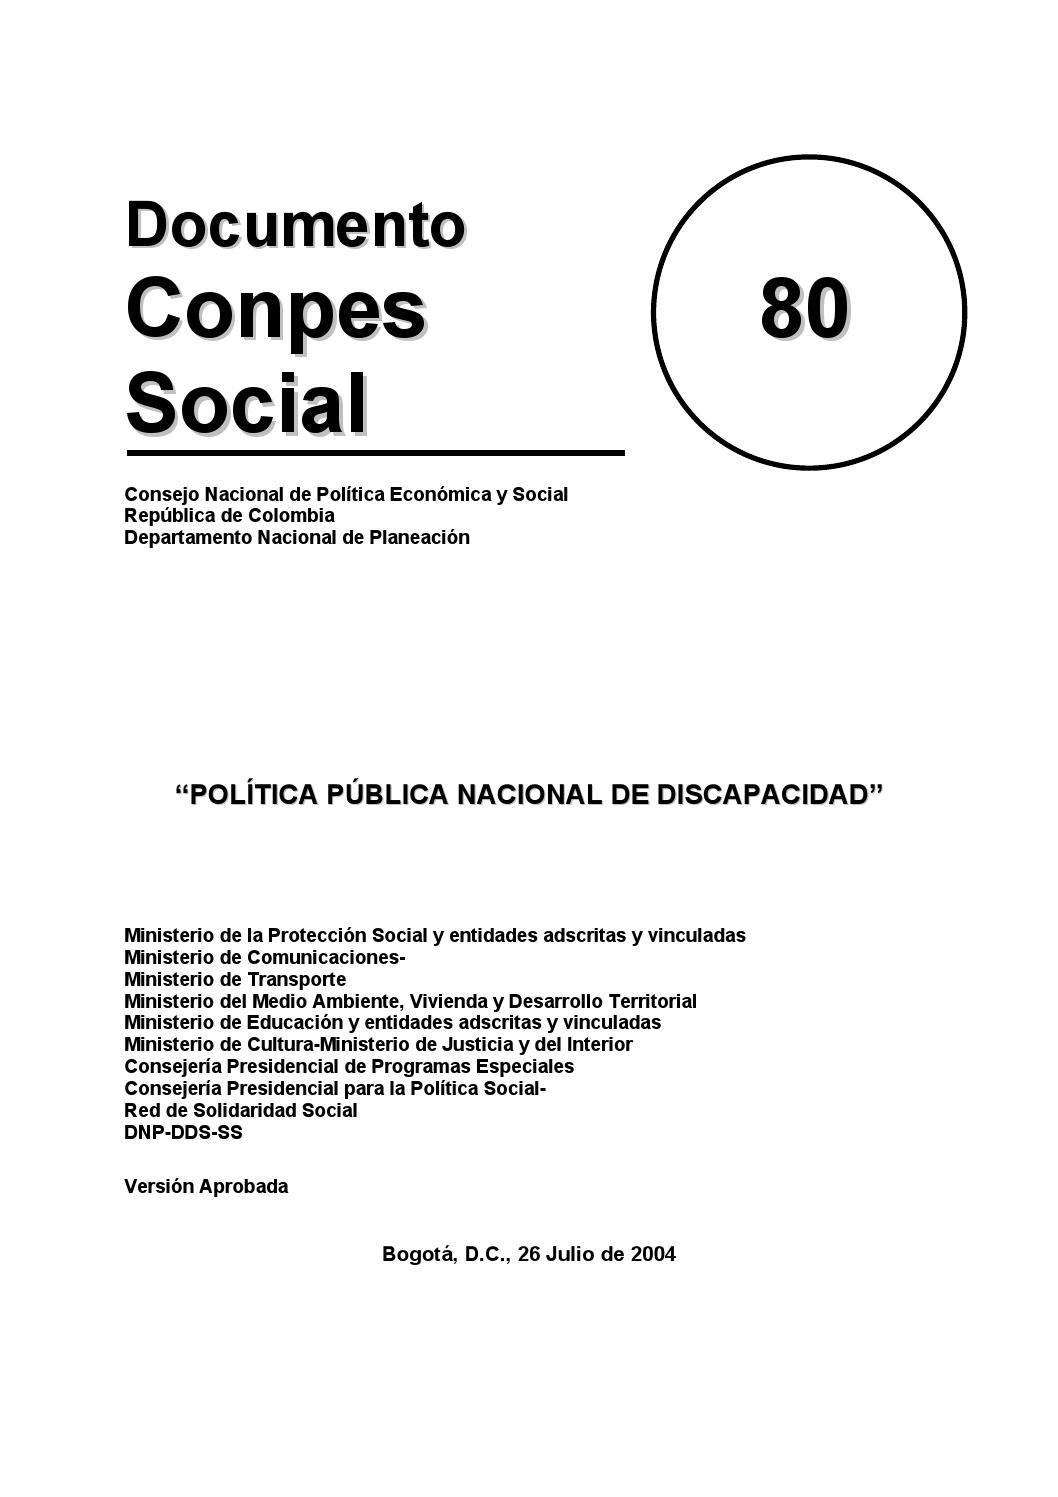 Conpes 80 by jorge antonio gonz lez tobito issuu Logo del ministerio de interior y justicia